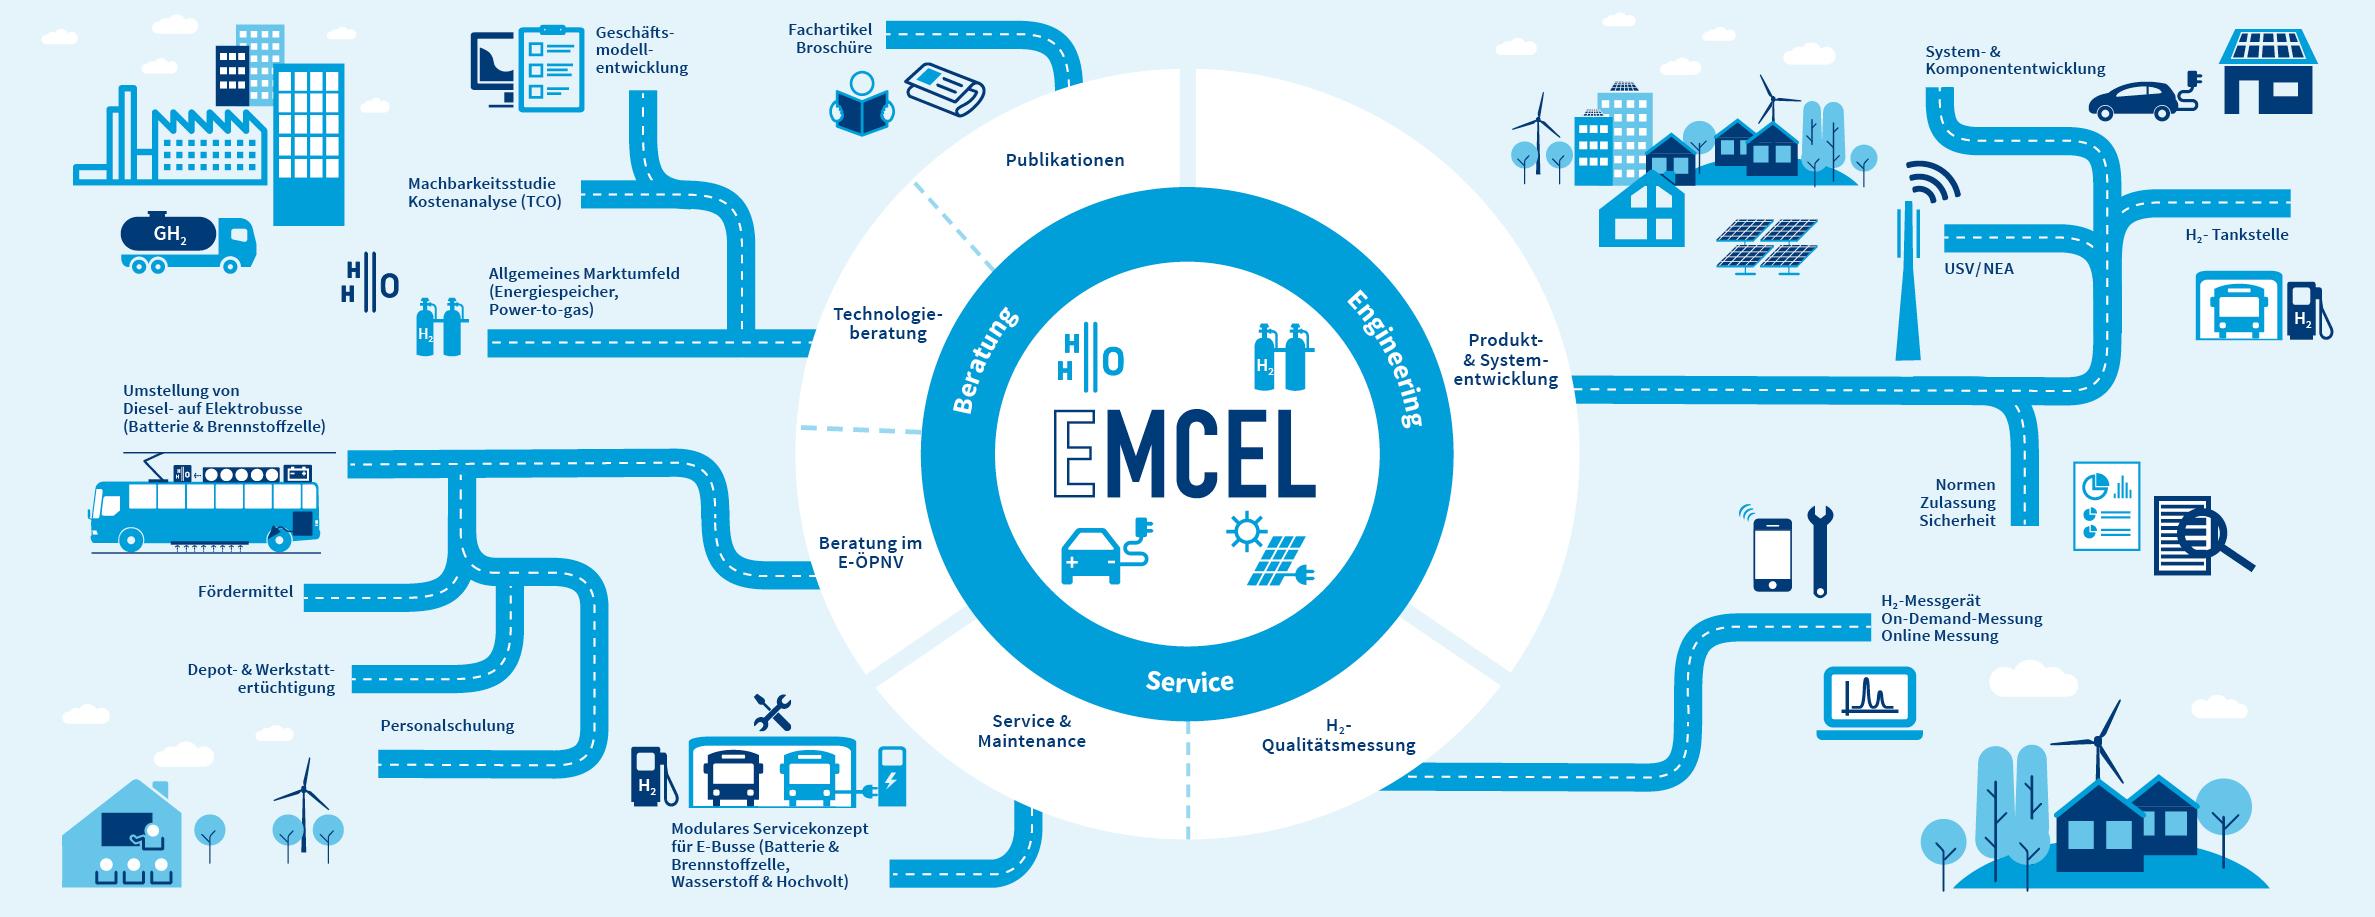 Startseite – Ingenieurbüro für Brennstoffzelle, Wasserstofftechnologie und Elektromobilität